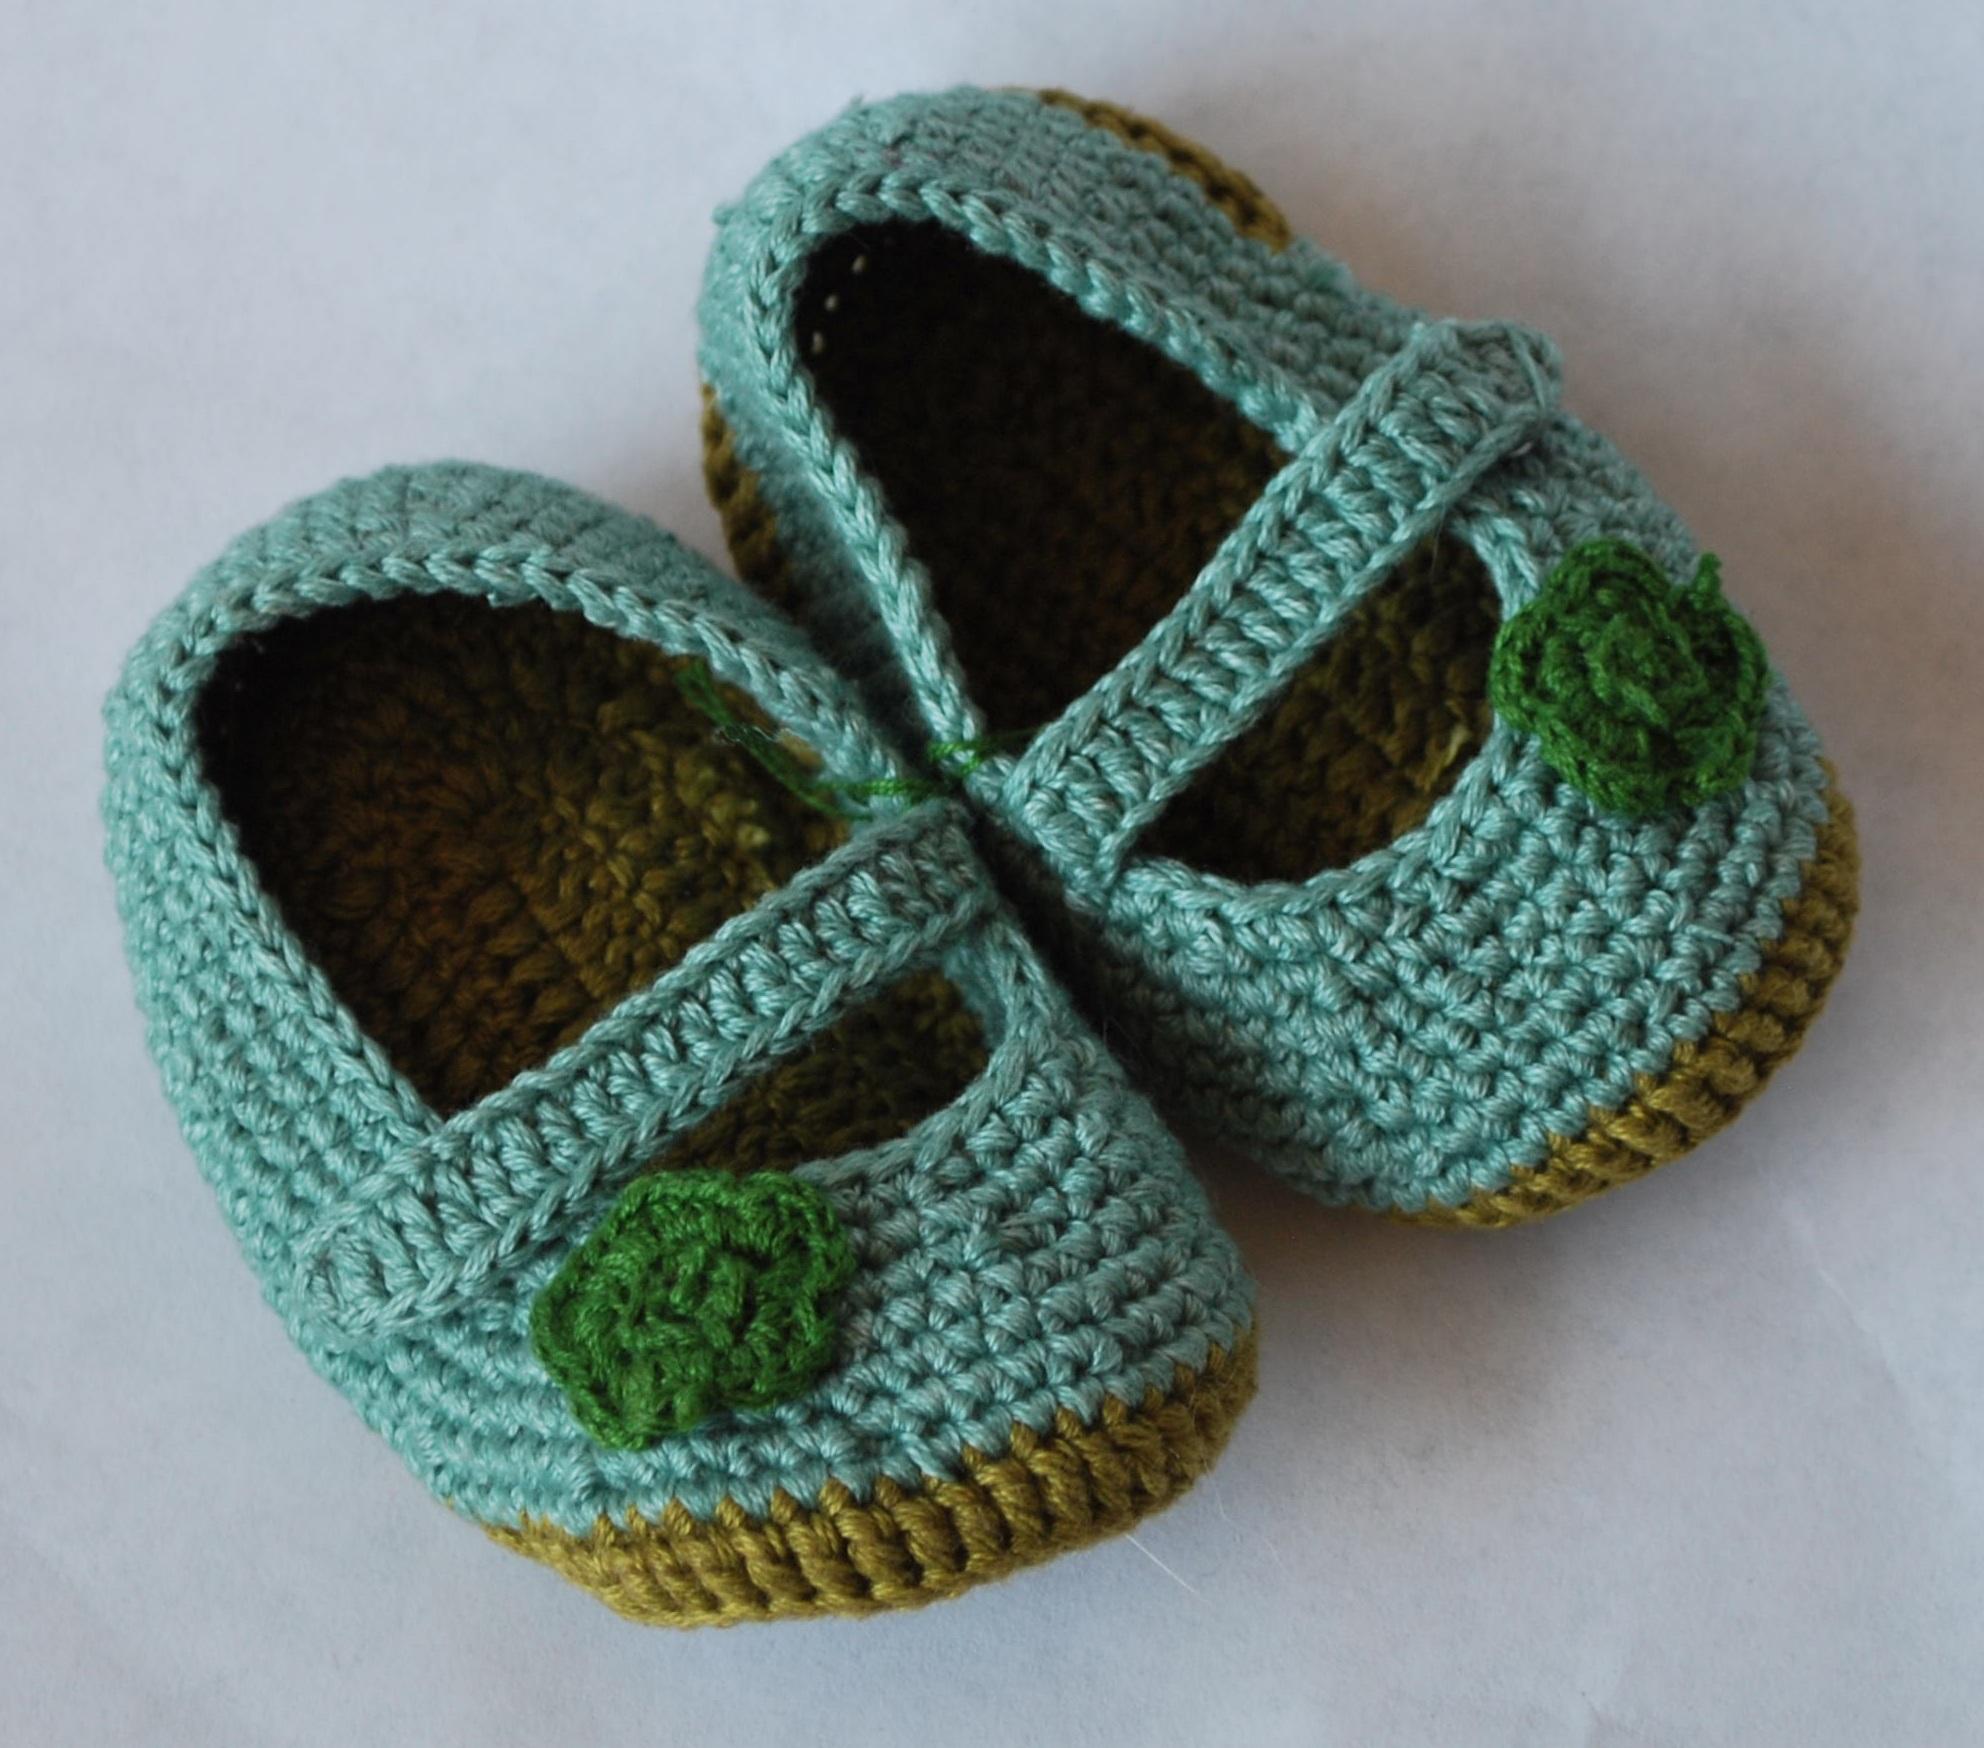 Gratis Afbeeldingen Schoen Patroon Groen Blauw Breien